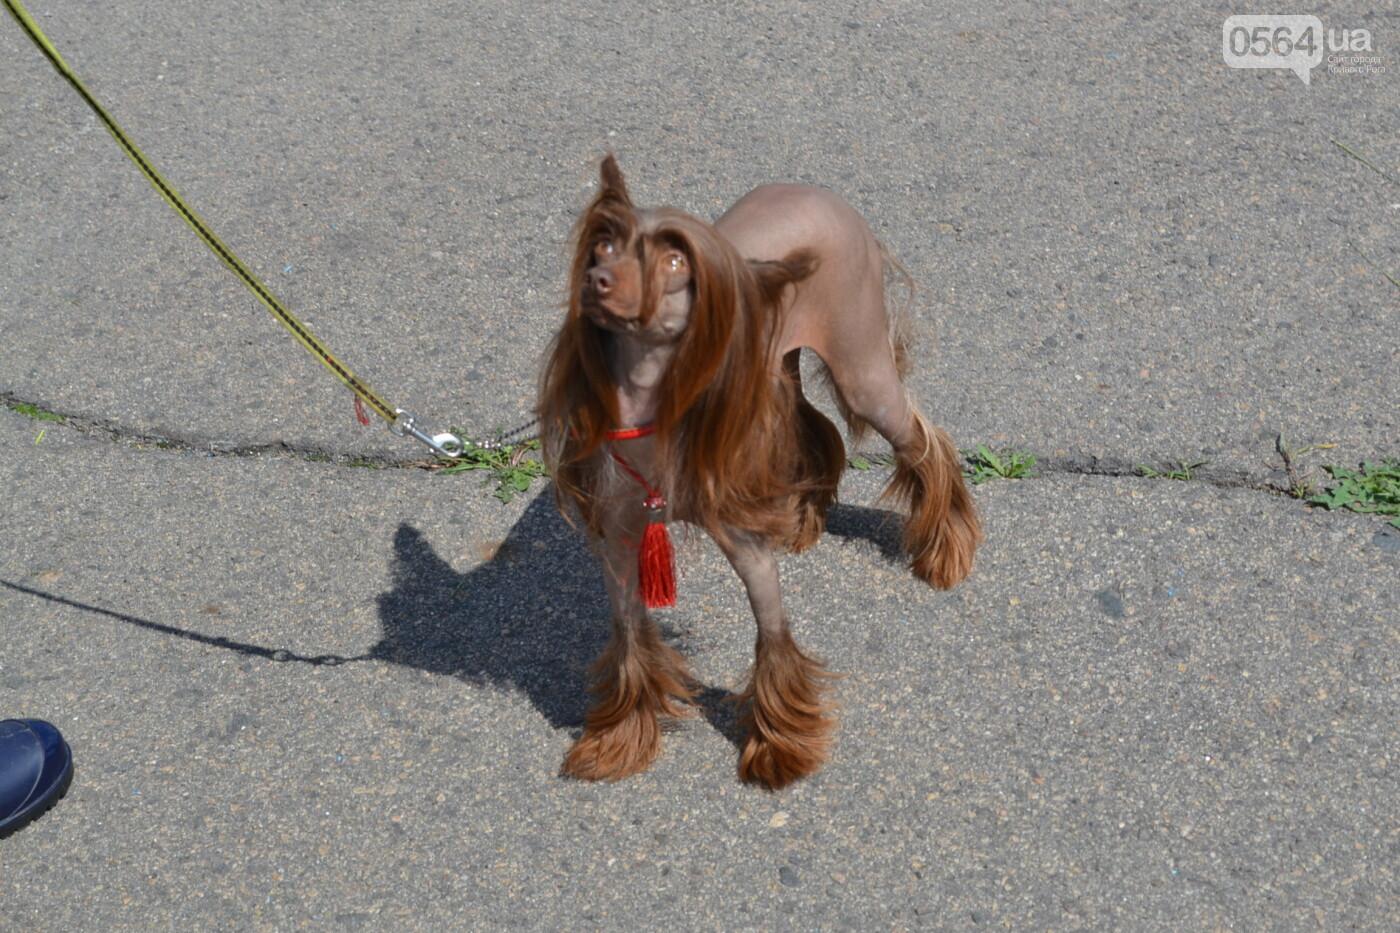 """""""Весна Кривбасса-2019"""": на выставке в Кривом Роге можно увидеть собак более 90 пород, - ФОТО, ВИДЕО, фото-18"""